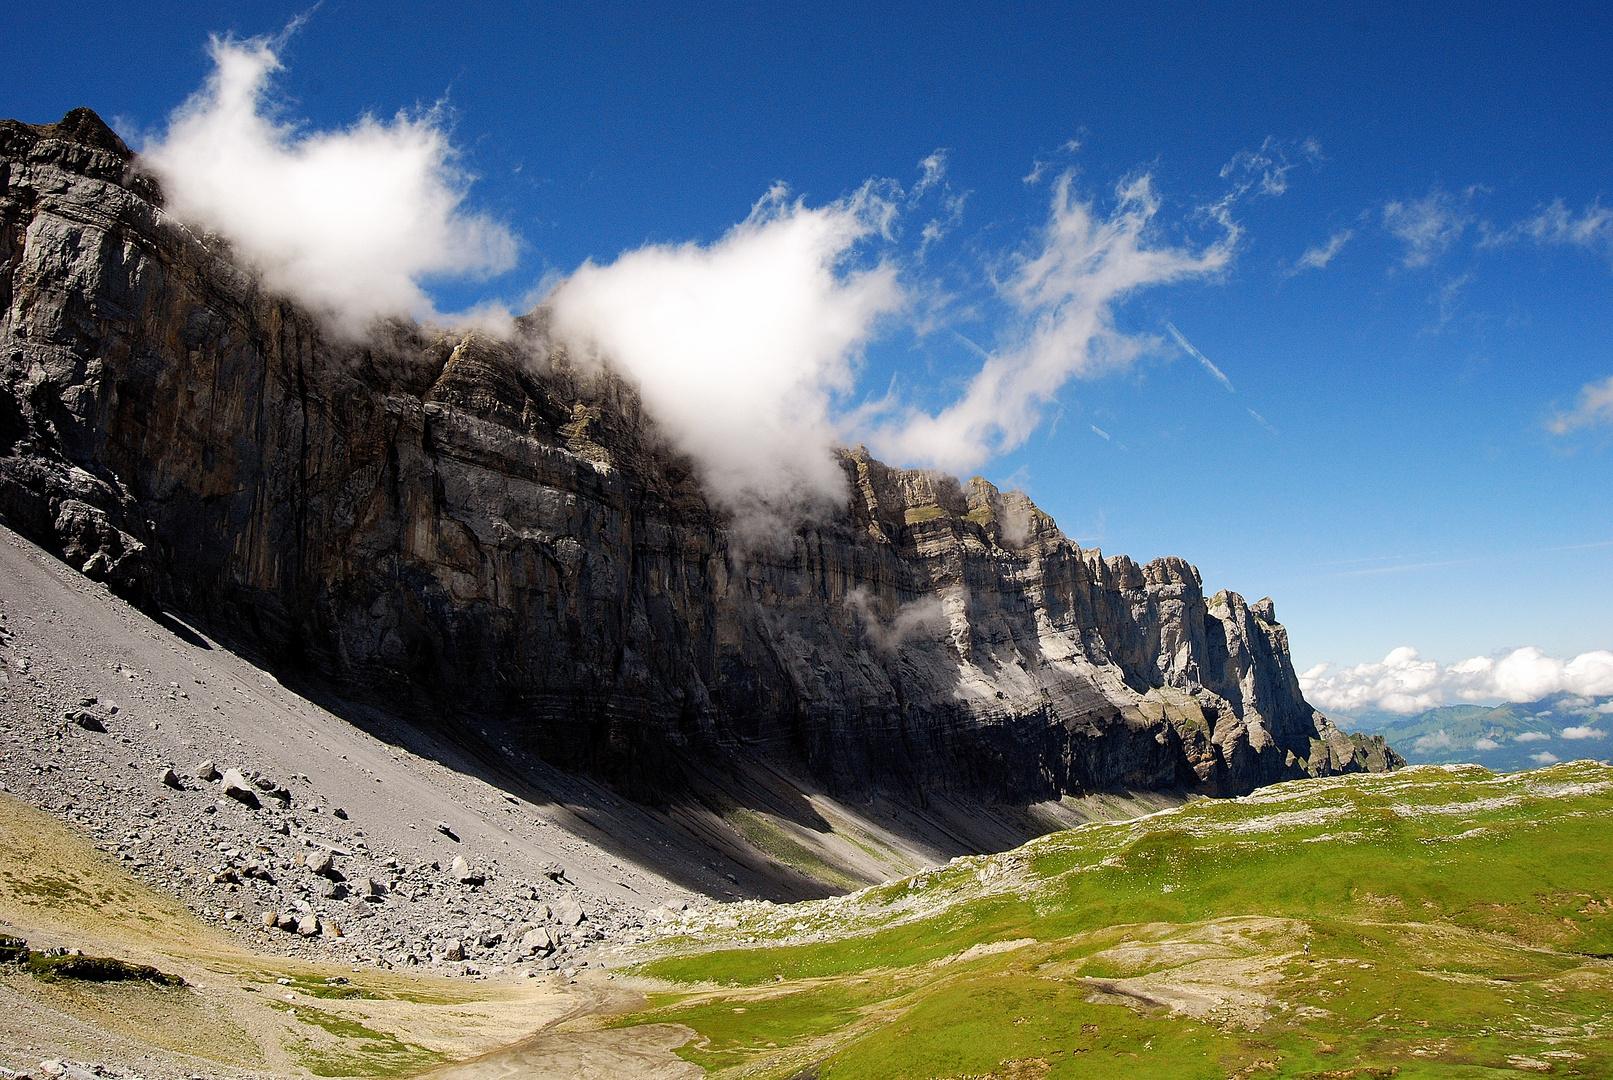 barriere rocheuse des fiz (alpes)